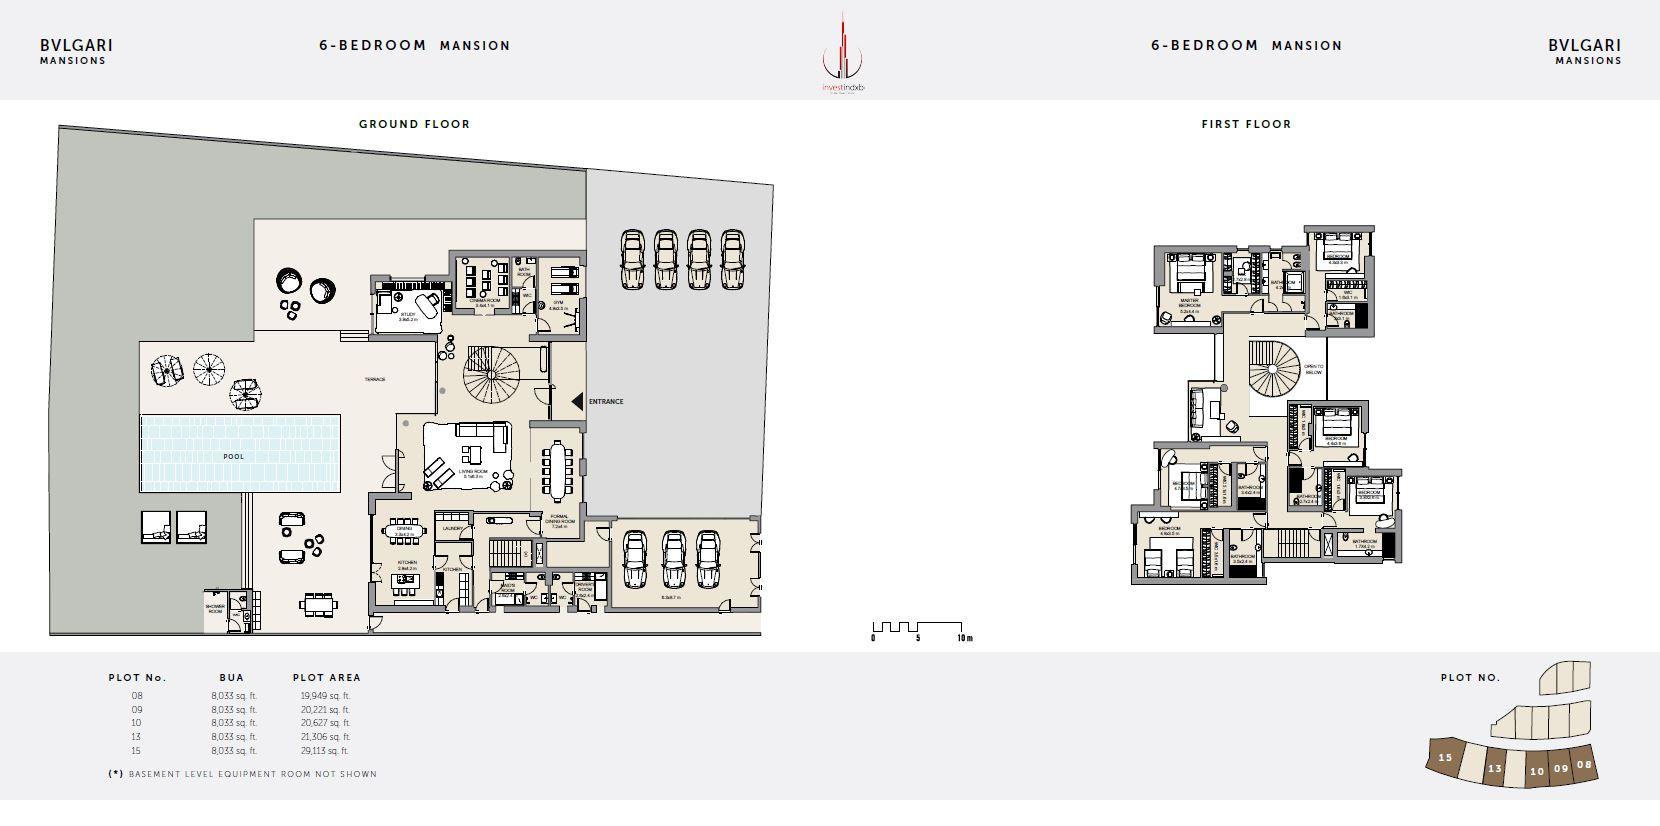 BVLGARI Residences